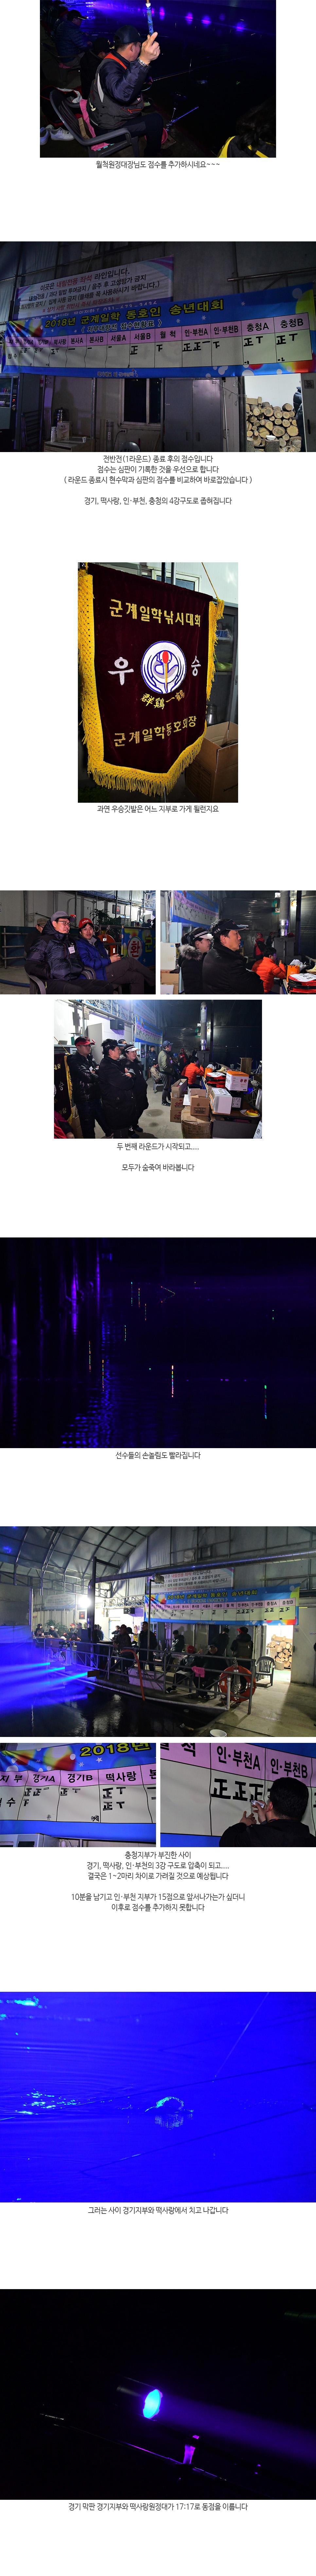 2018 군계일학 송년회(농촌지) - 08.jpg